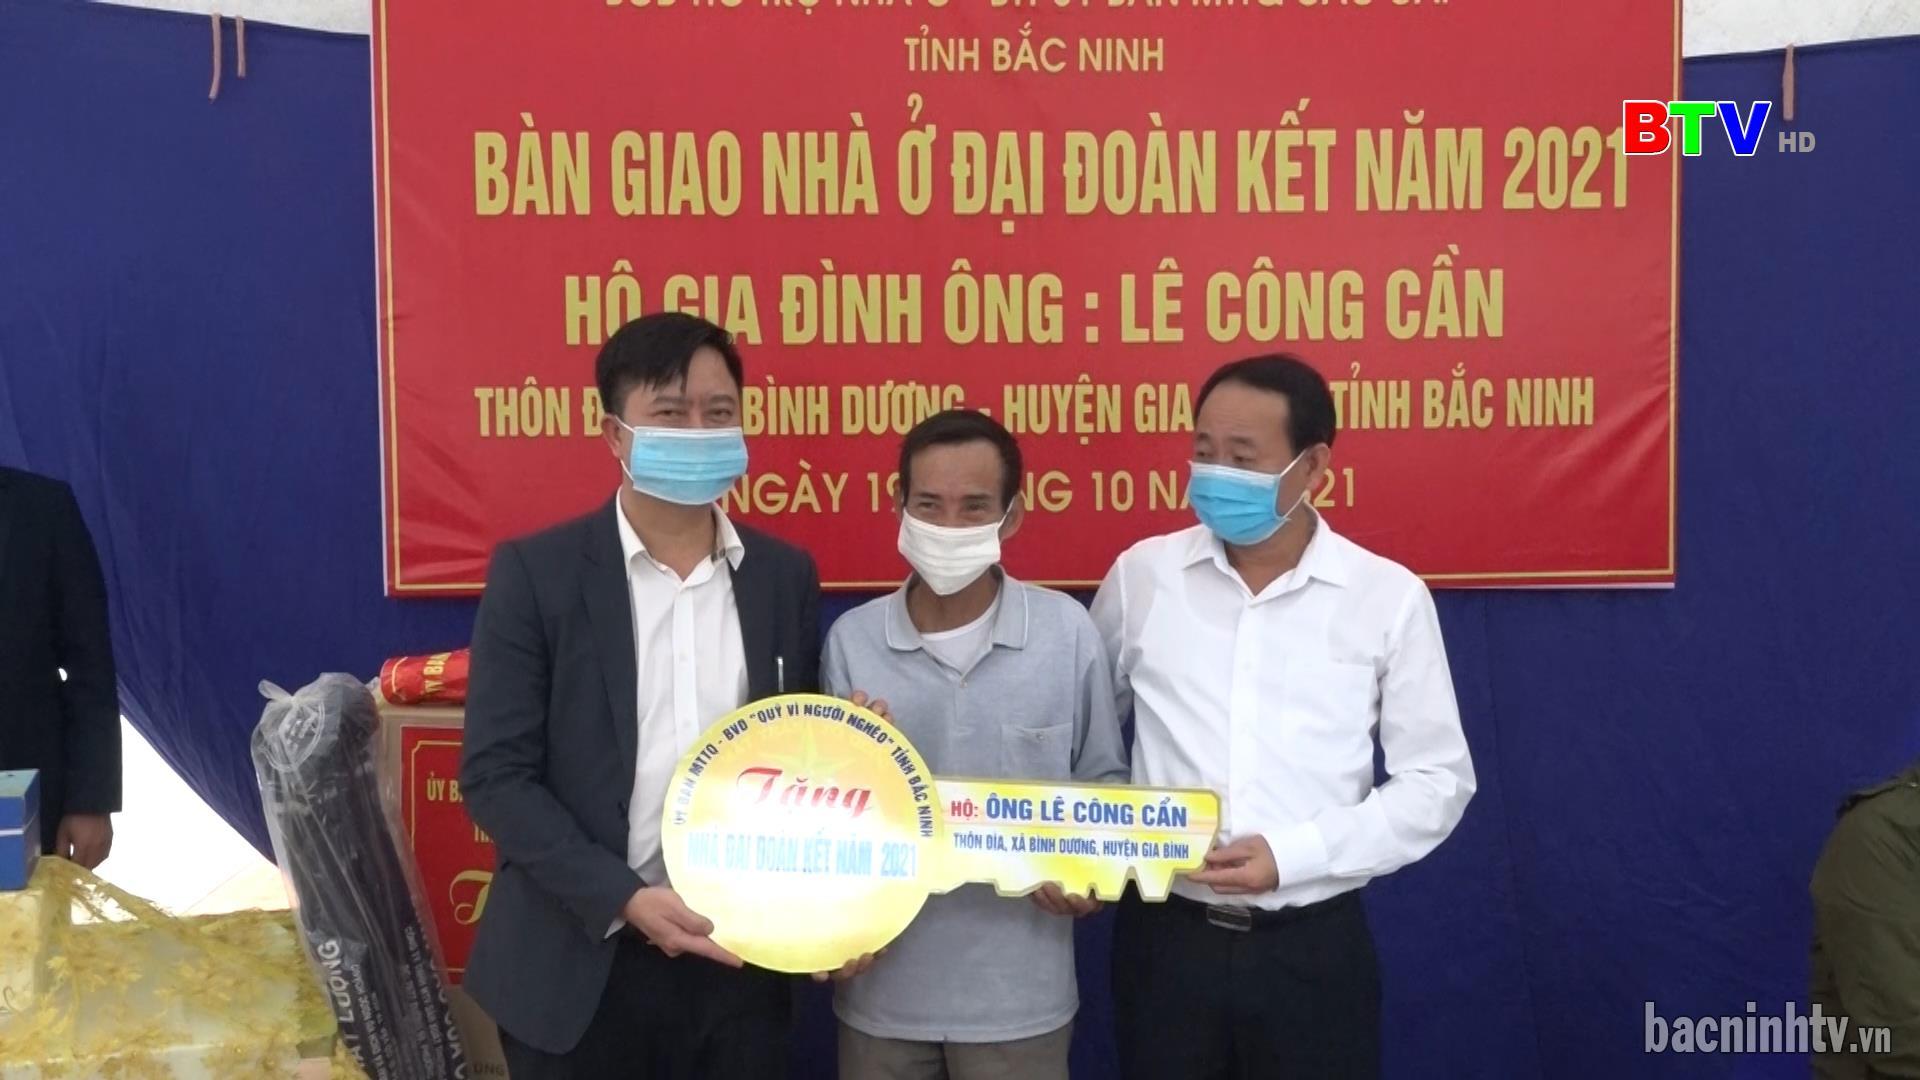 Ủy ban MTTQ tỉnh trao nhà Đại đoàn kết tại huyện Gia Bình